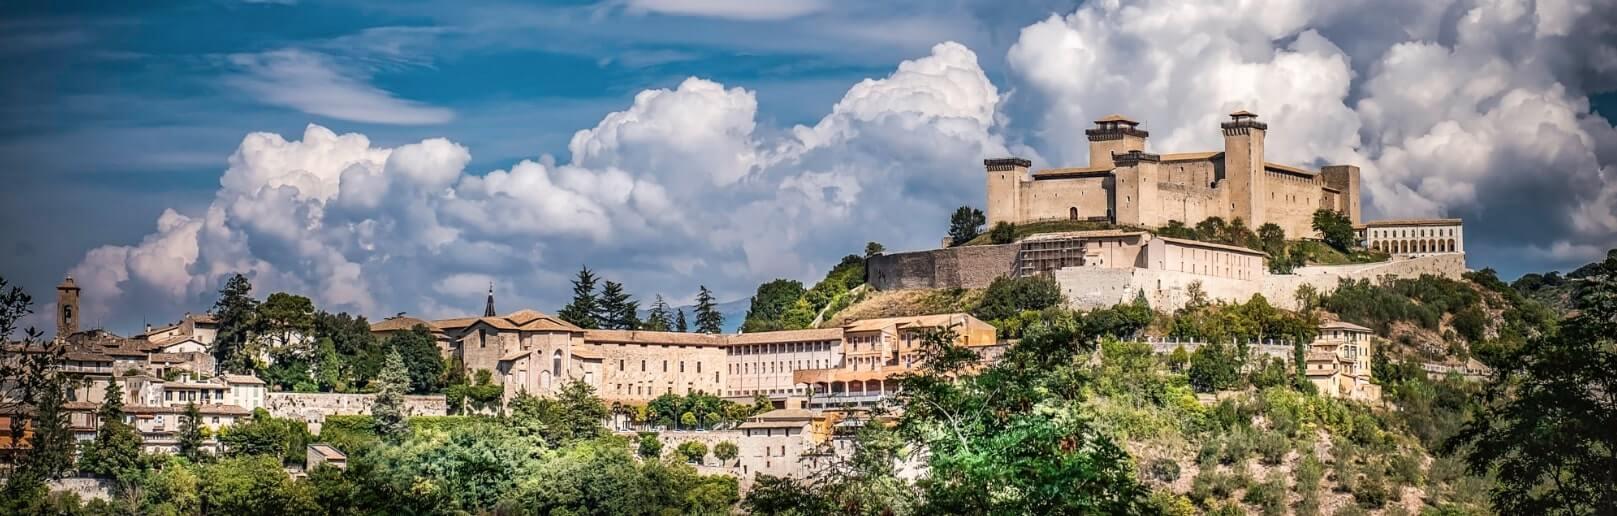 Spoleto city landscape